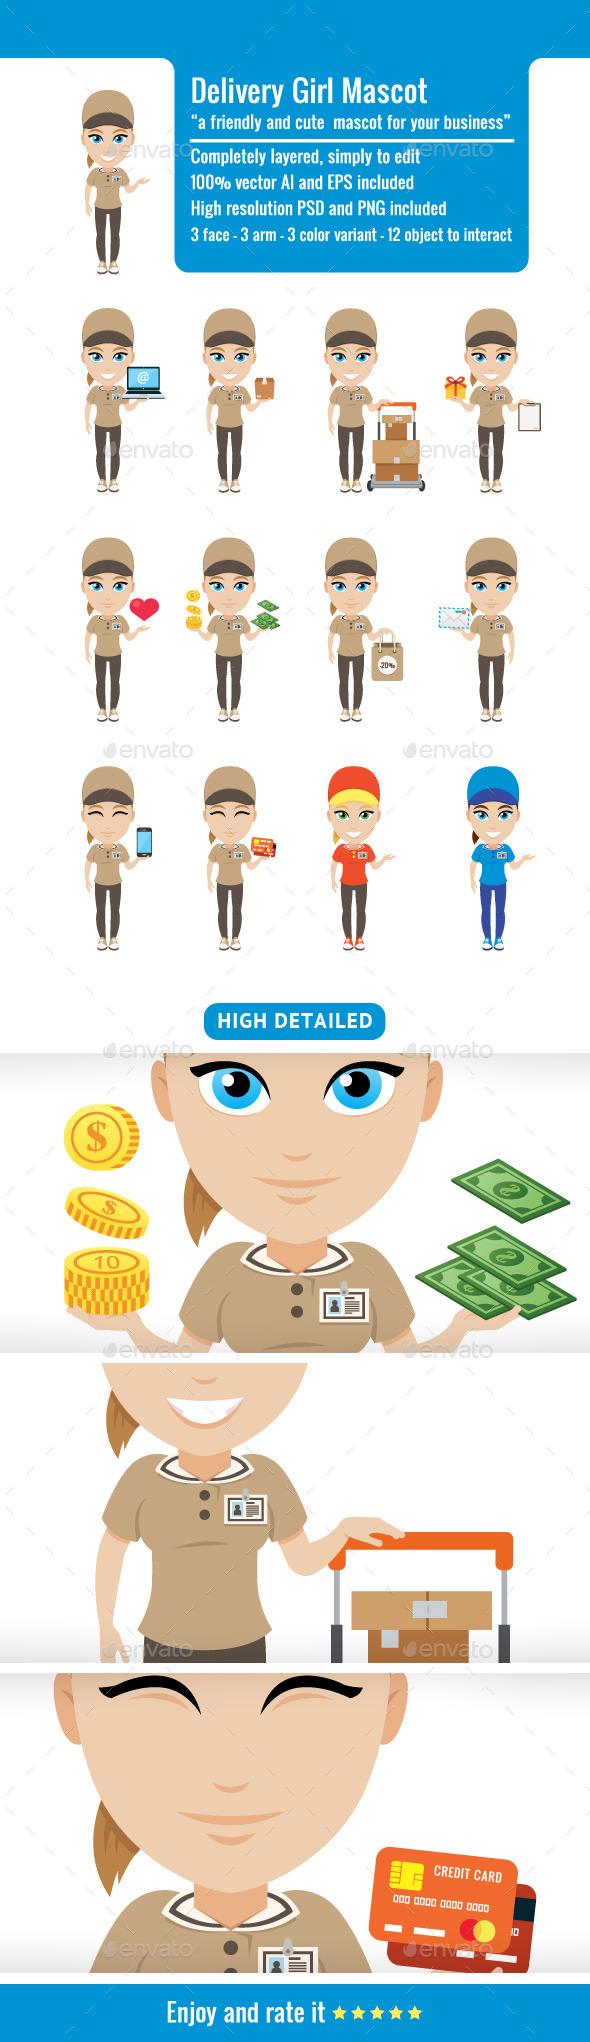 GraphicRiver Delivery Girl Mascot 9379791